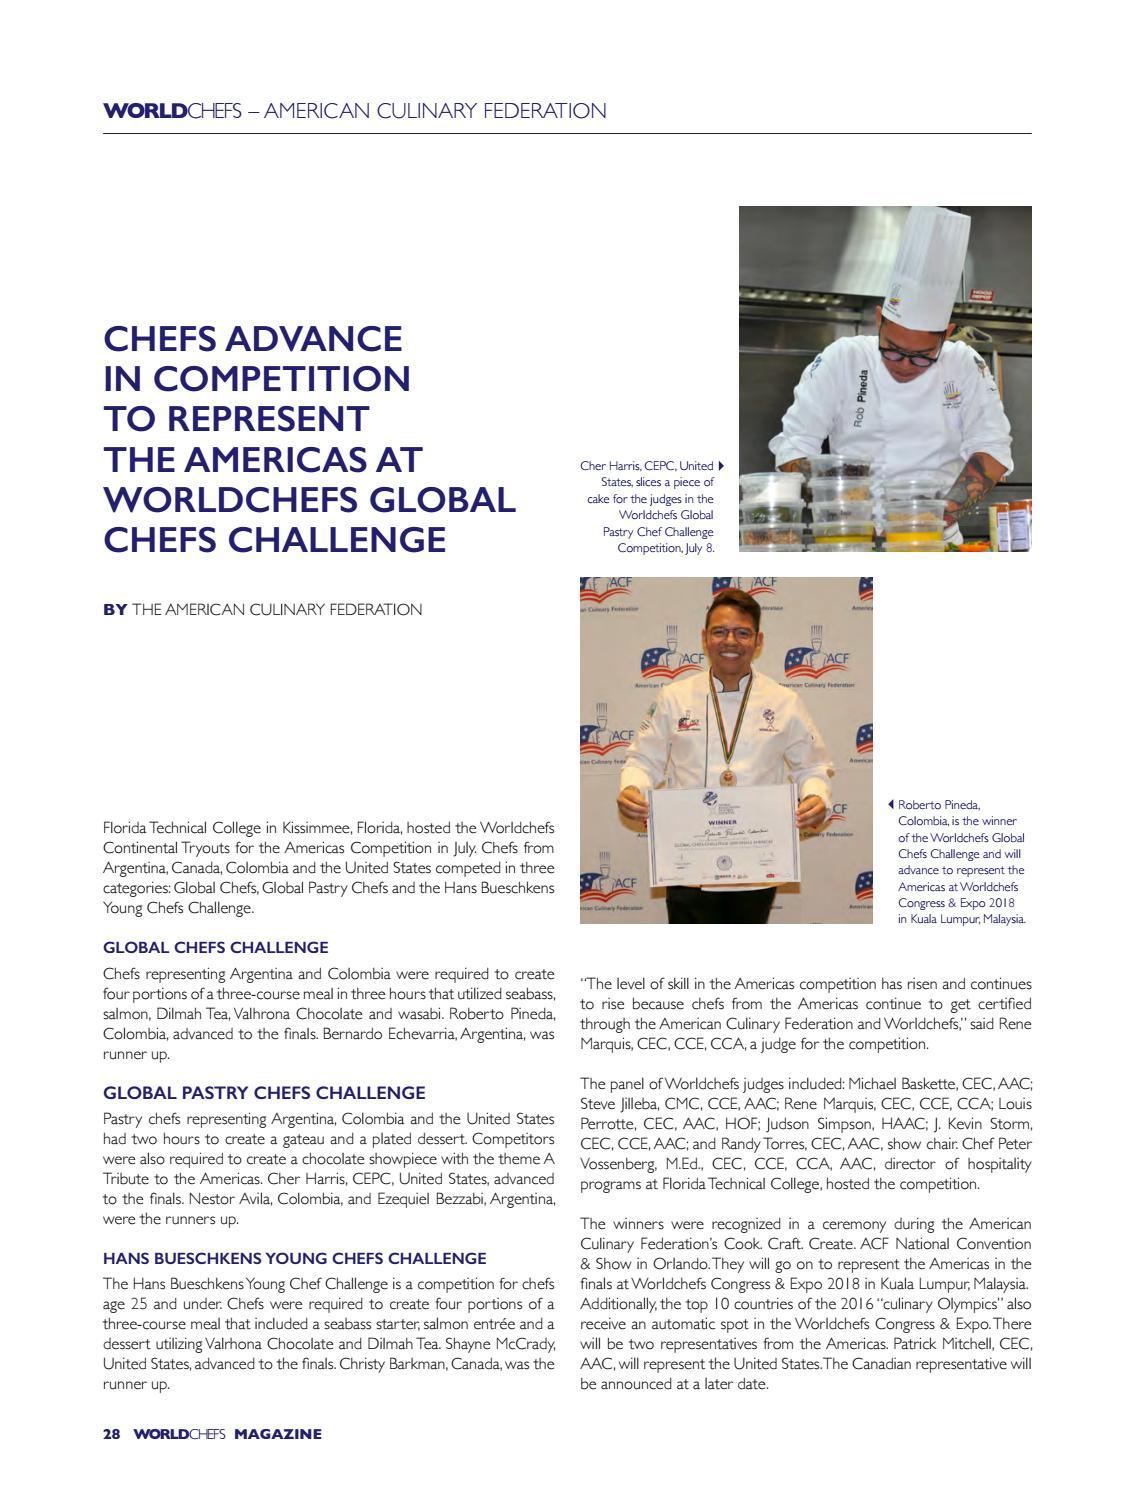 Worldchefs magazine issue 20 by World Association of Chefs